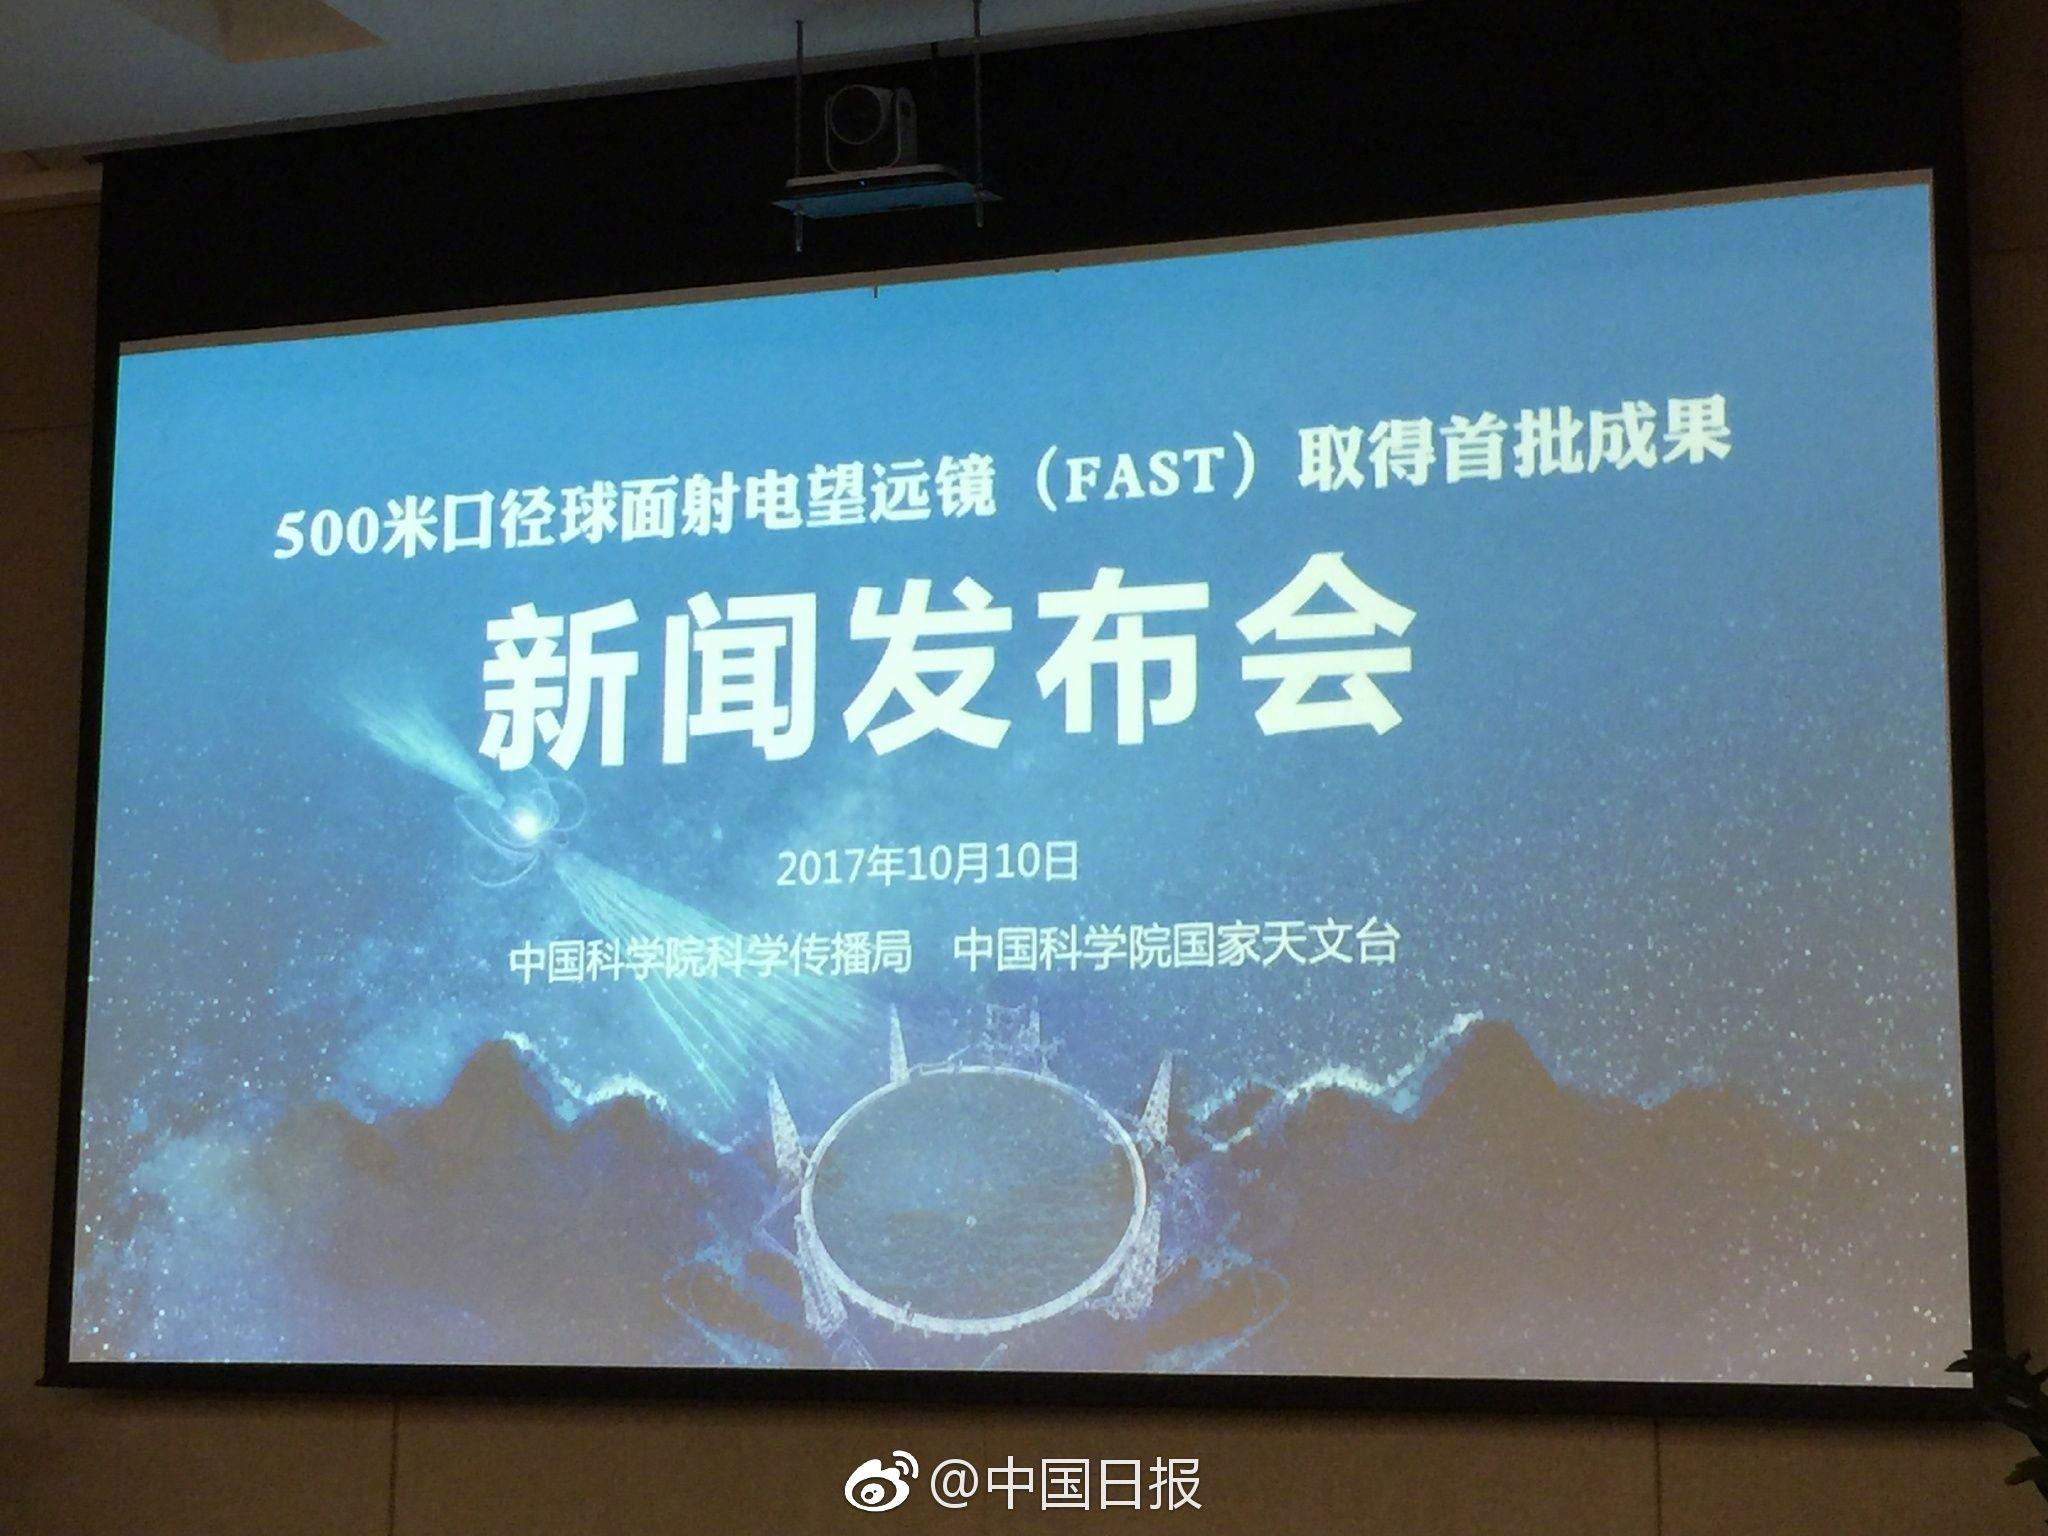 中国天眼发现脉冲星  开启中国射电天文学黄金期!